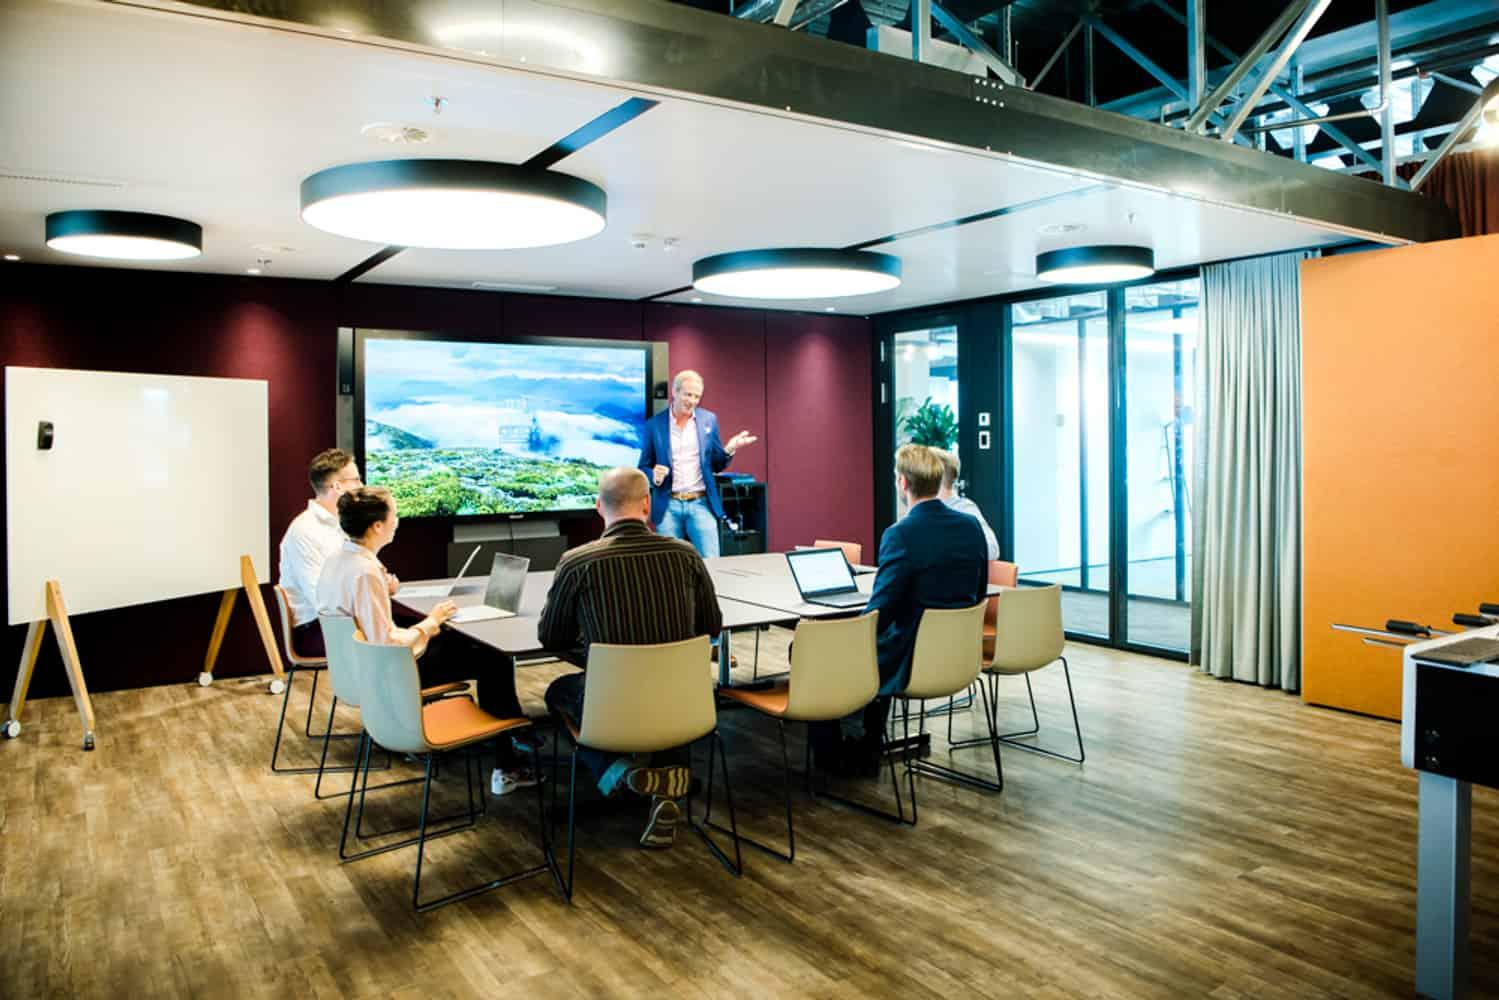 Bild einer Diskussion im Büro